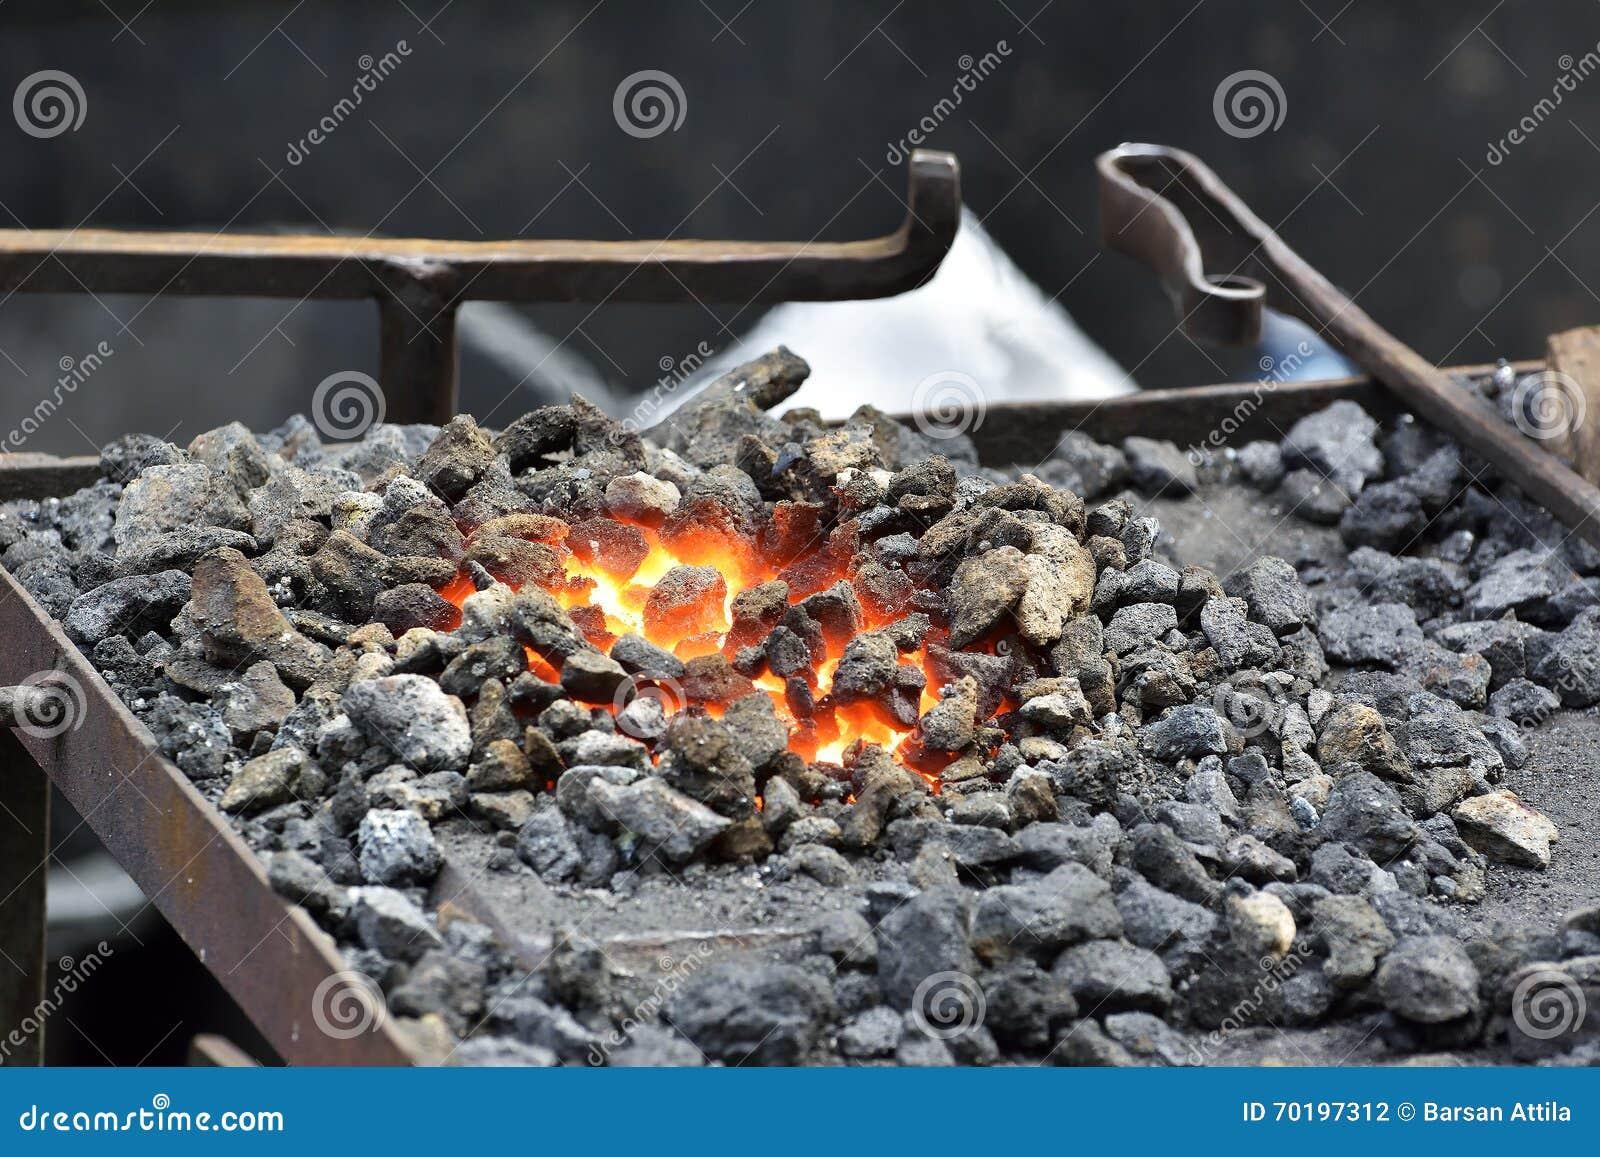 Handstäd med kol brand